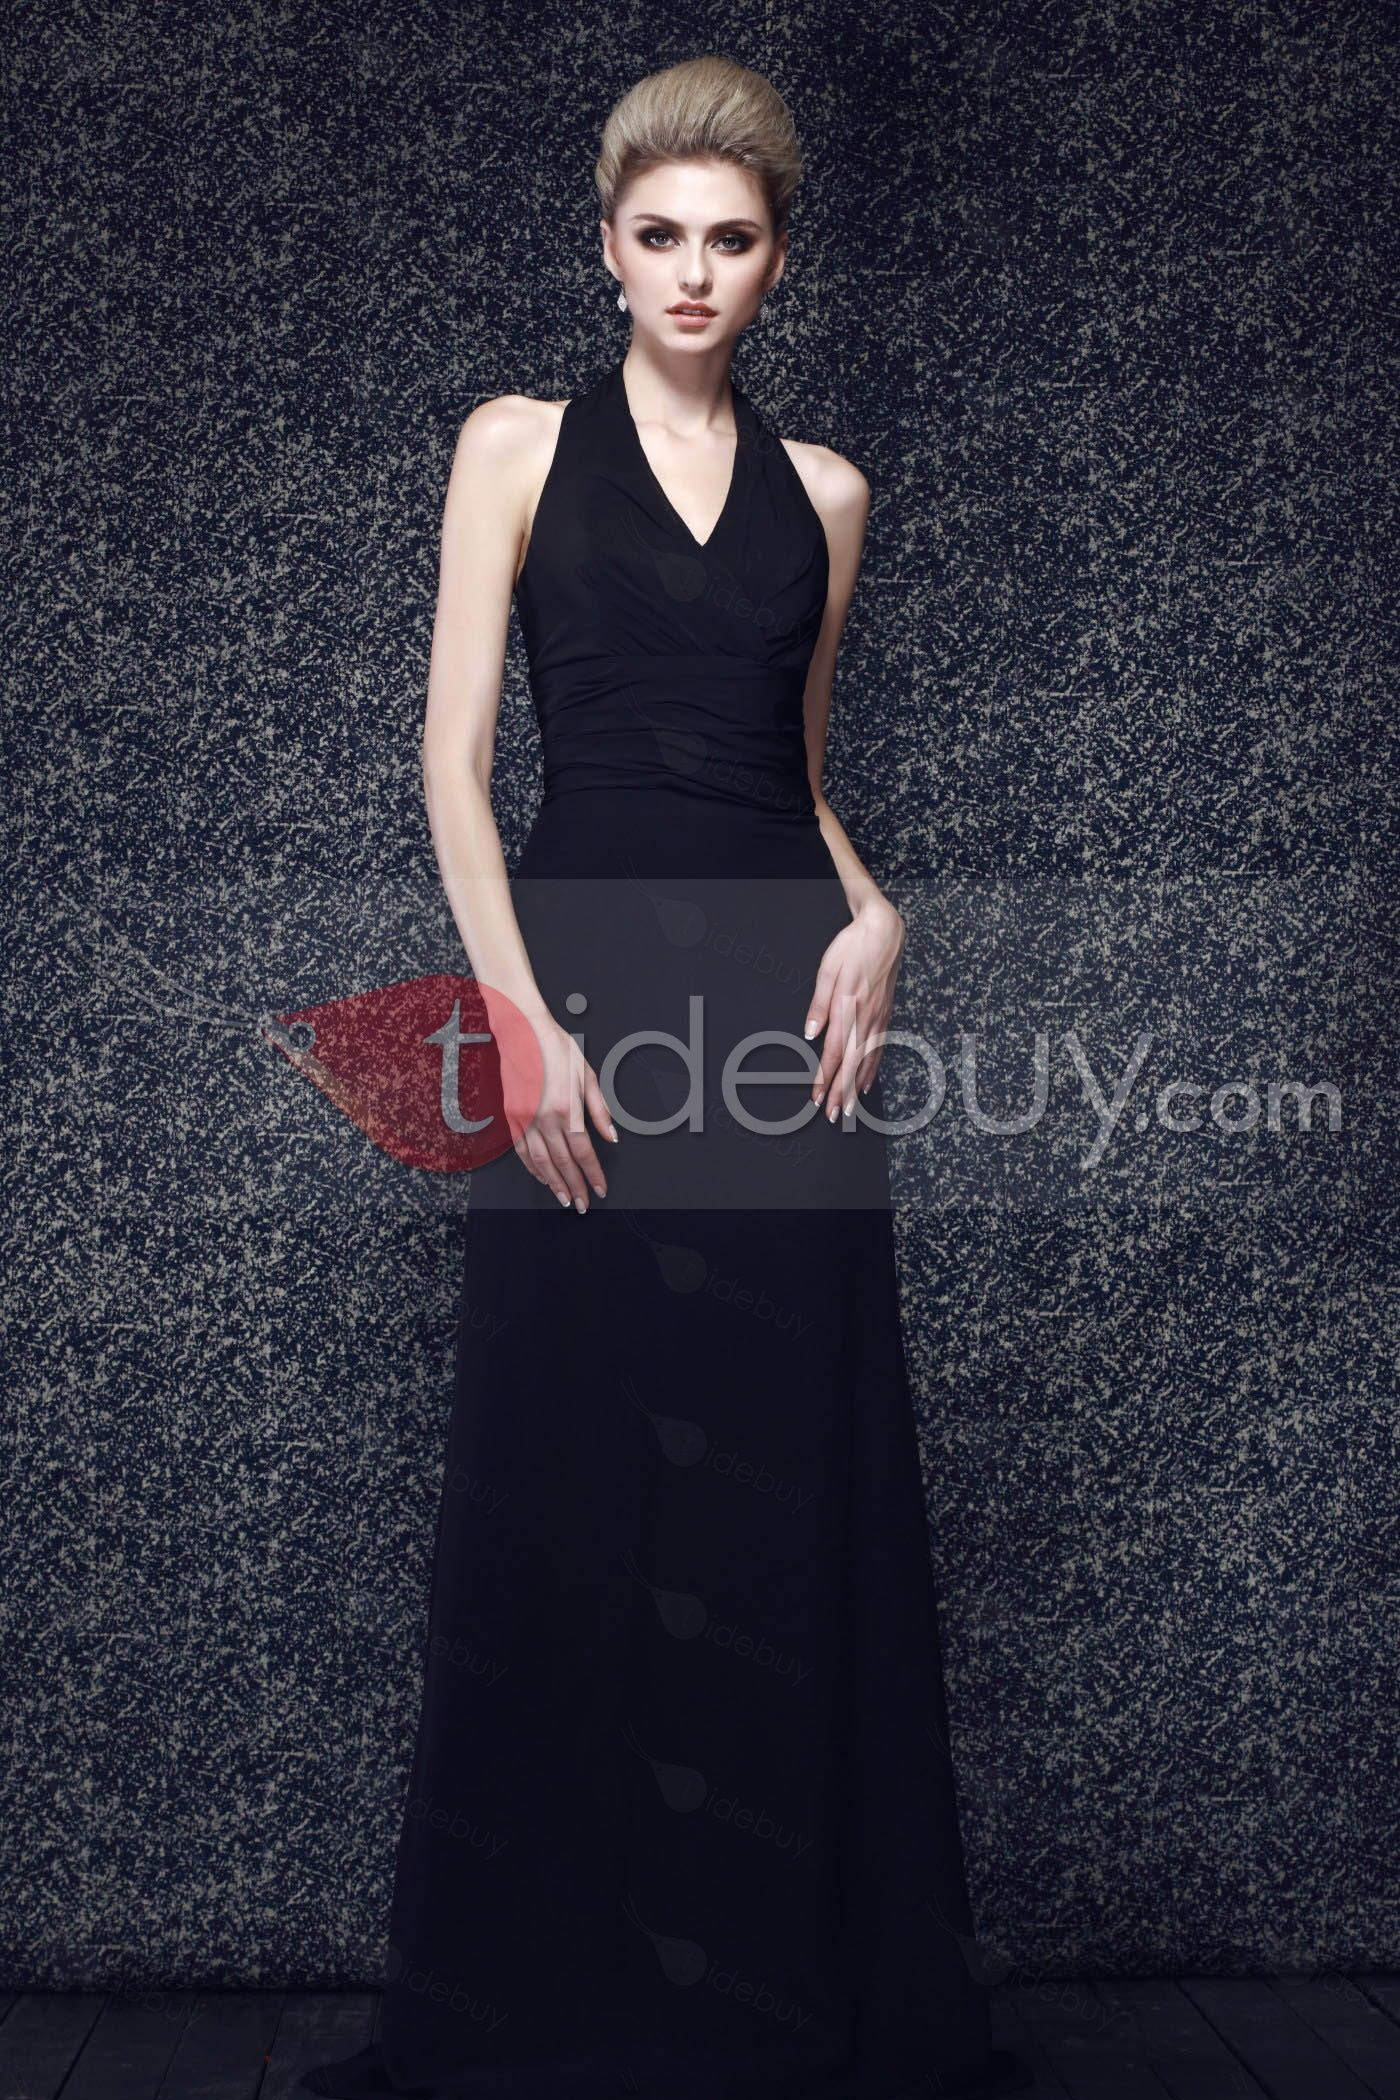 Vネックトランペットブラックシフォンプロム/イブニングドレス